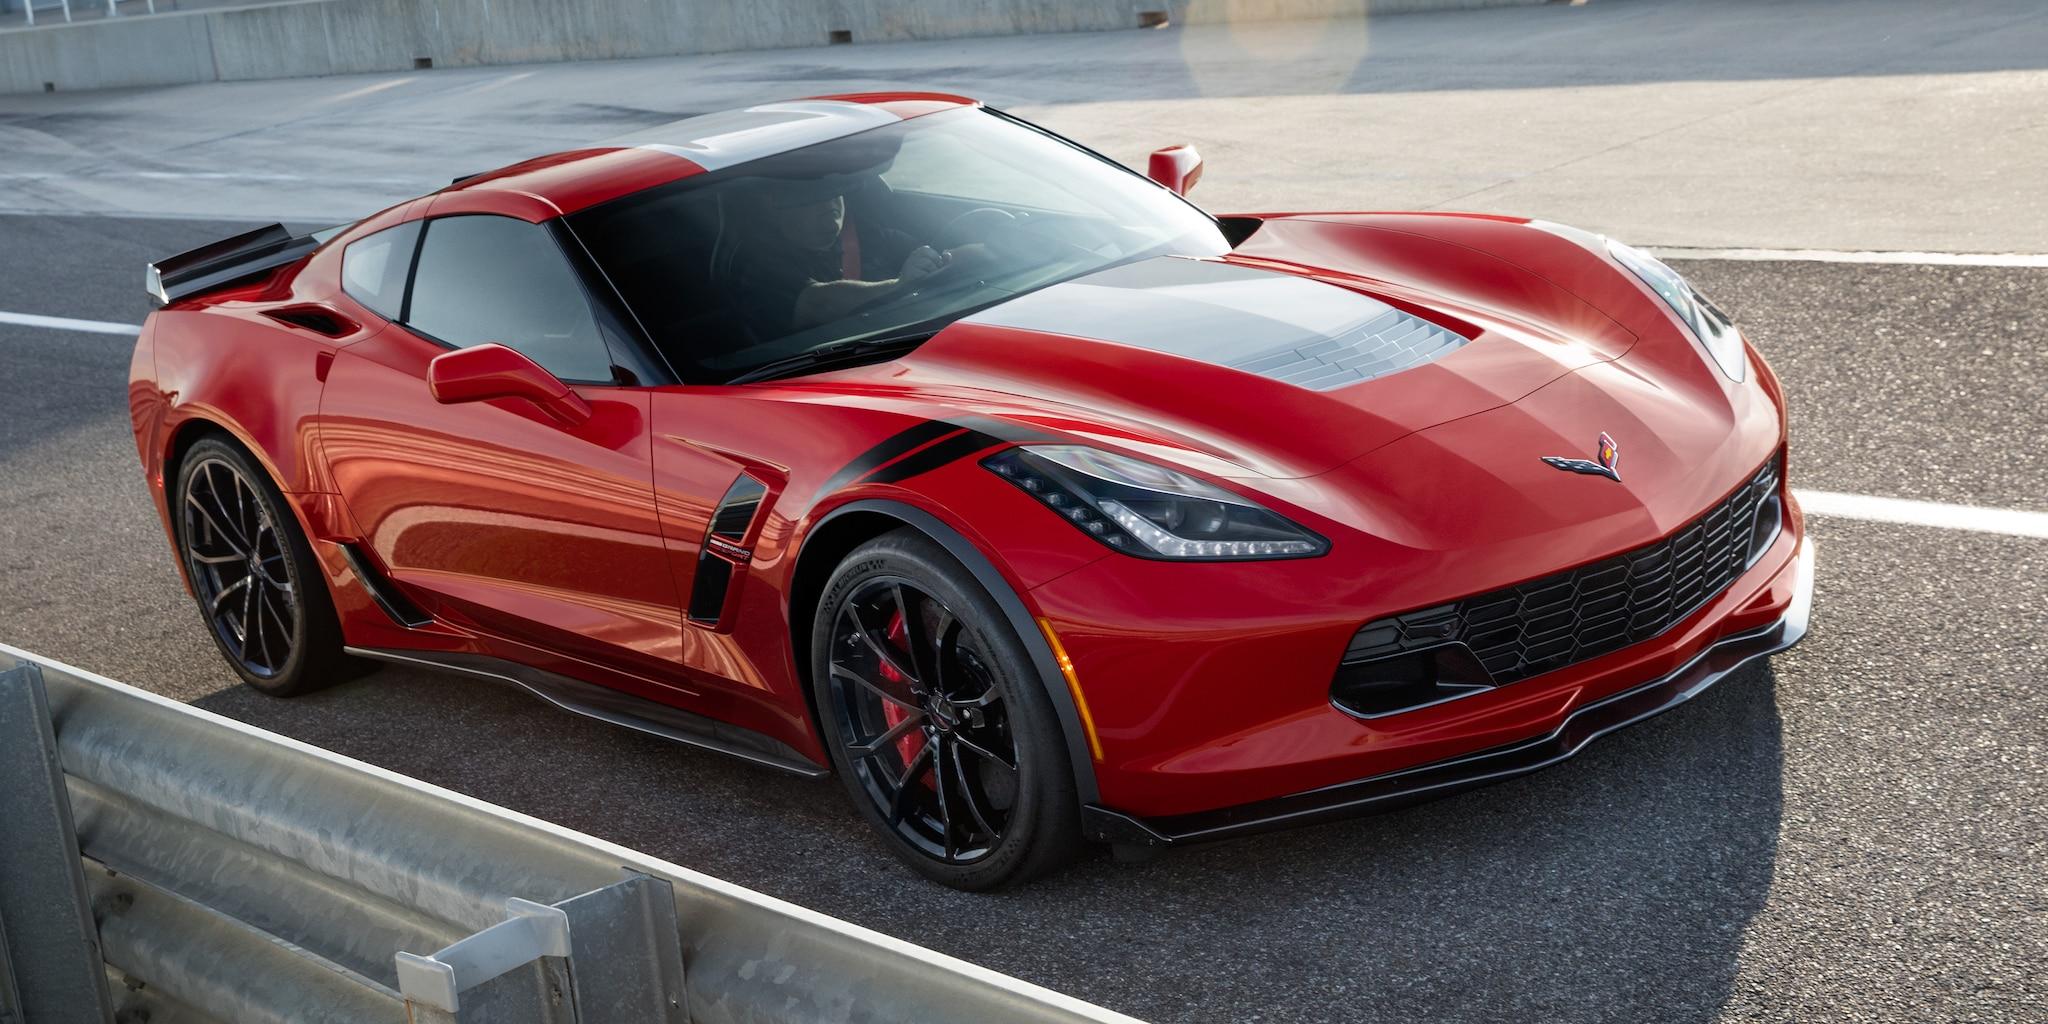 Diseño del auto deportivo Corvette Grand Sport 2018: delantero